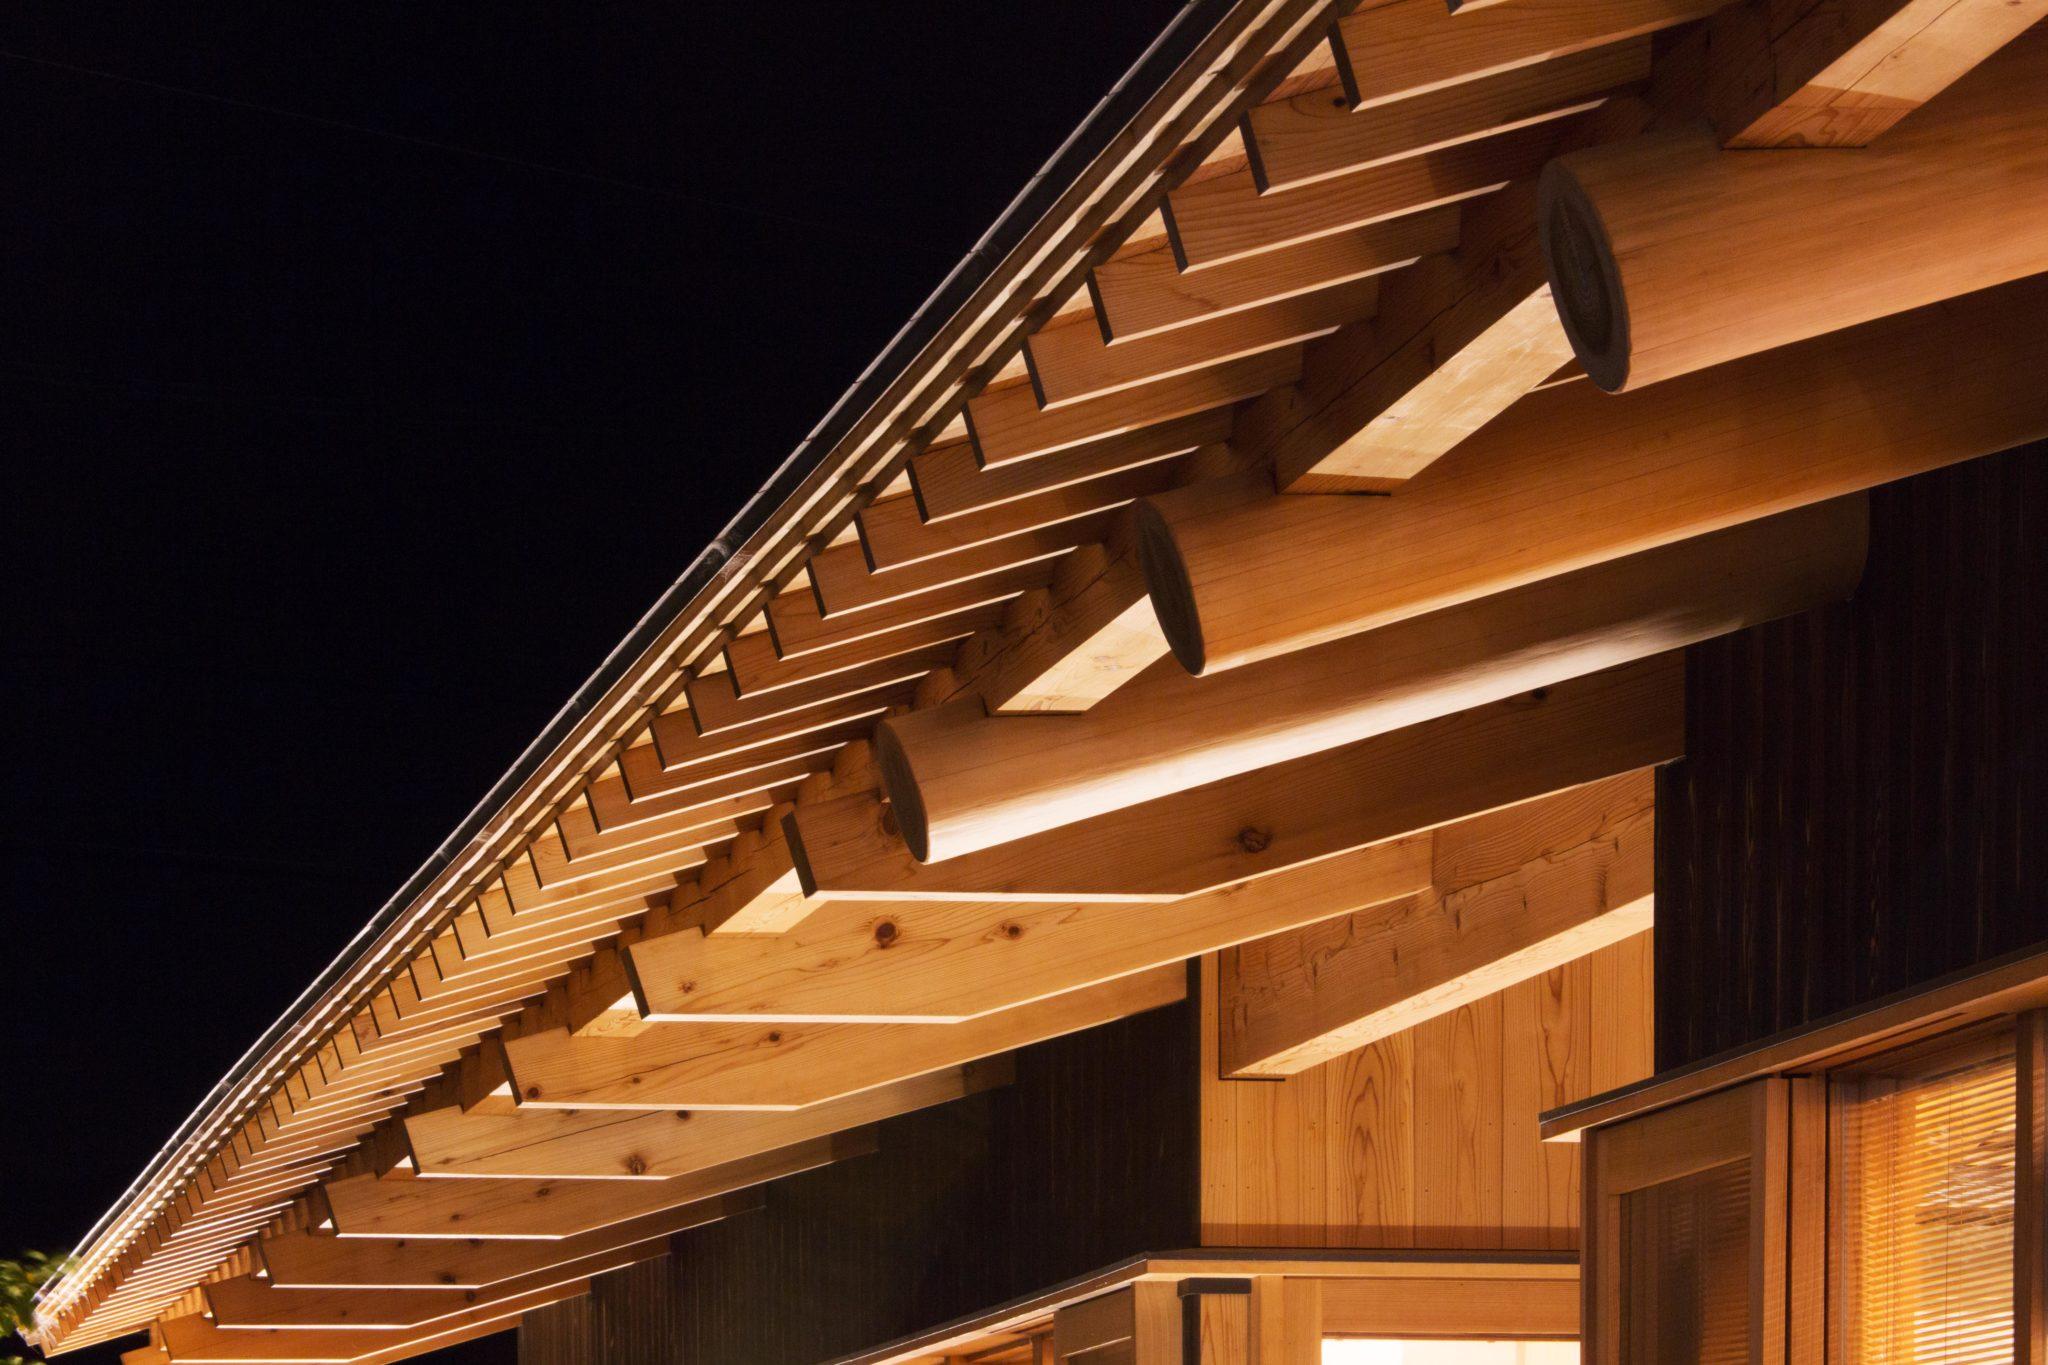 東棟は丸太 西棟は製材の登り梁